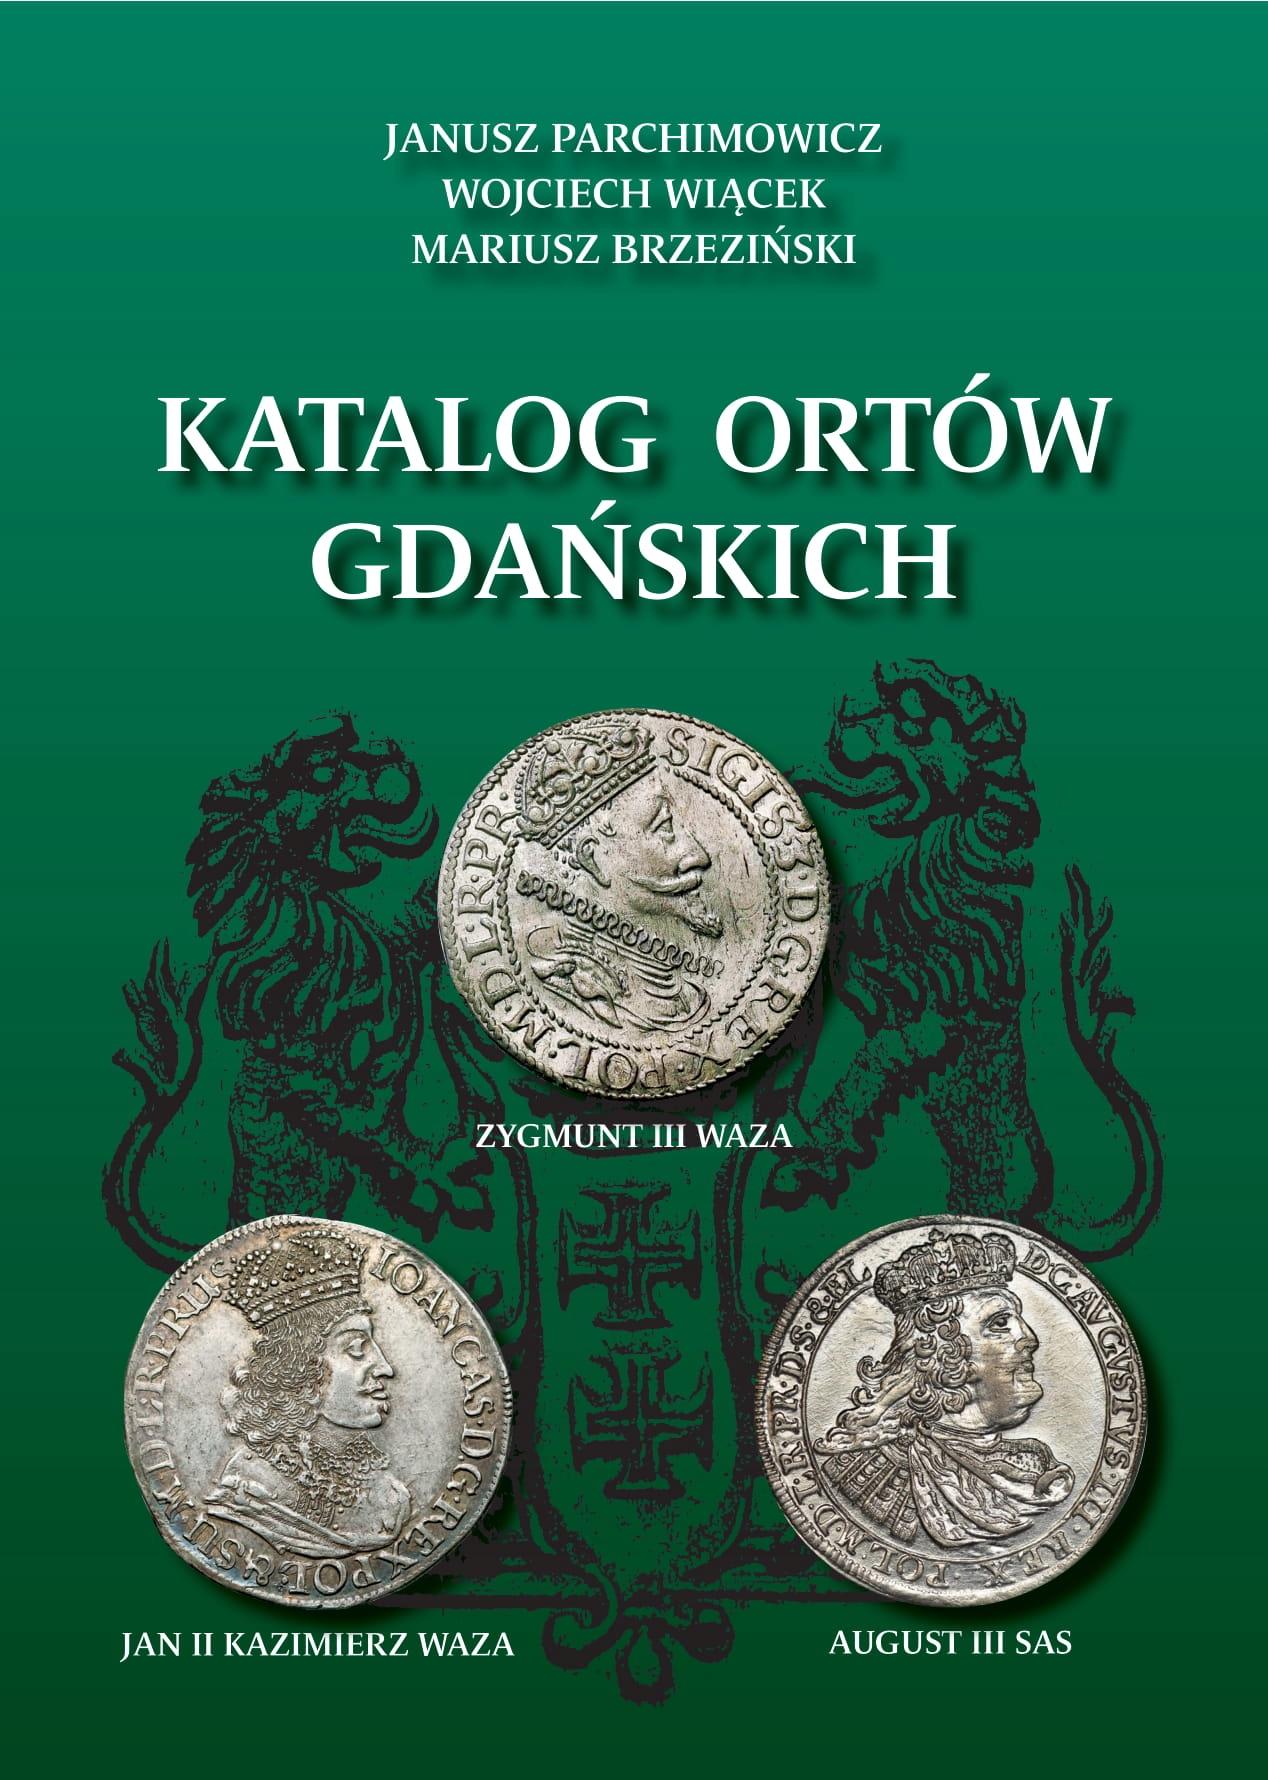 Janusz Parchimowicz Katalog Ortów Gdańskich Nowy